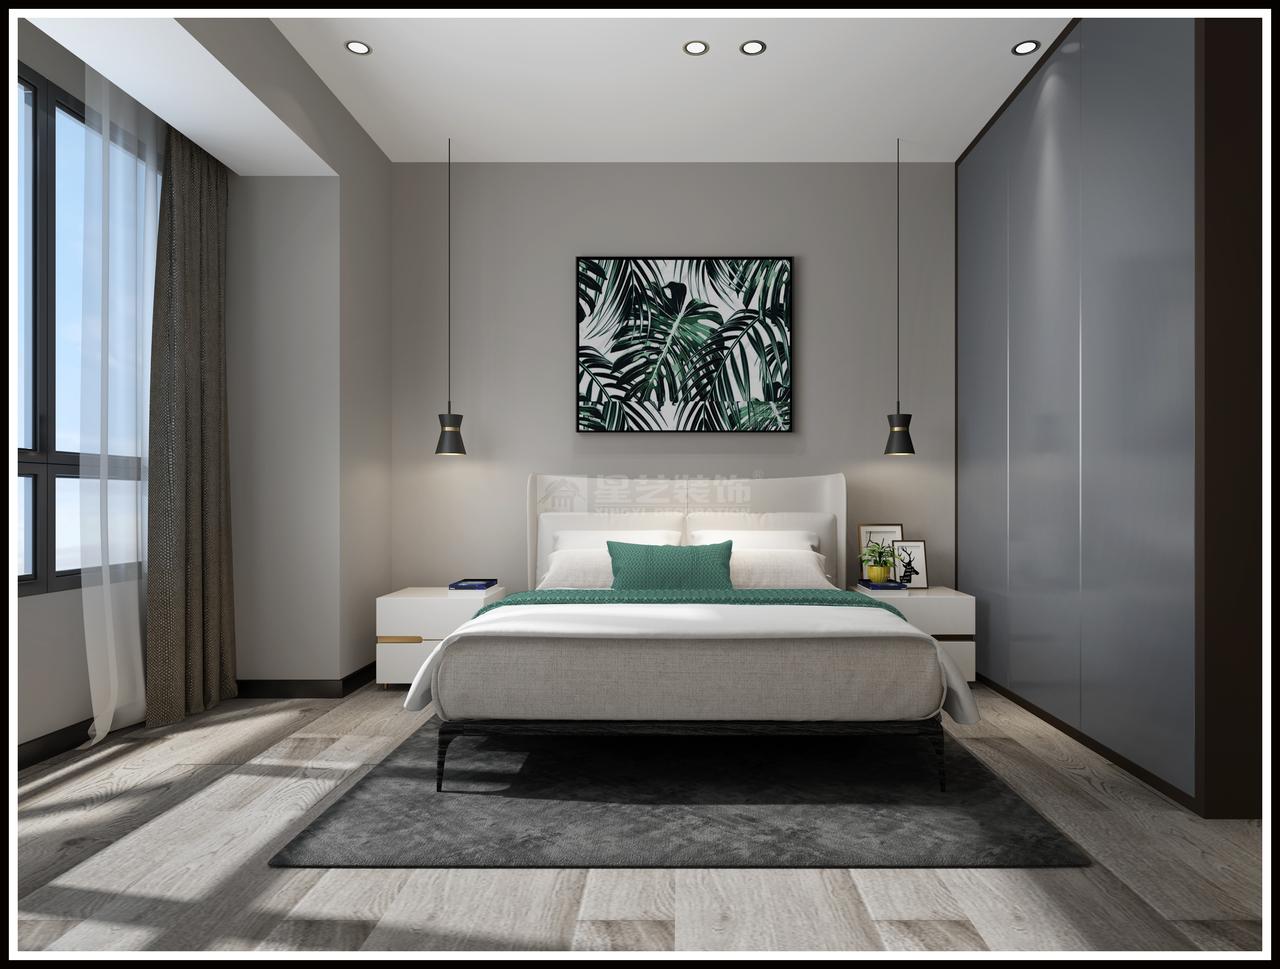 金融城A号现代,现代,单身公寓,110.0㎡